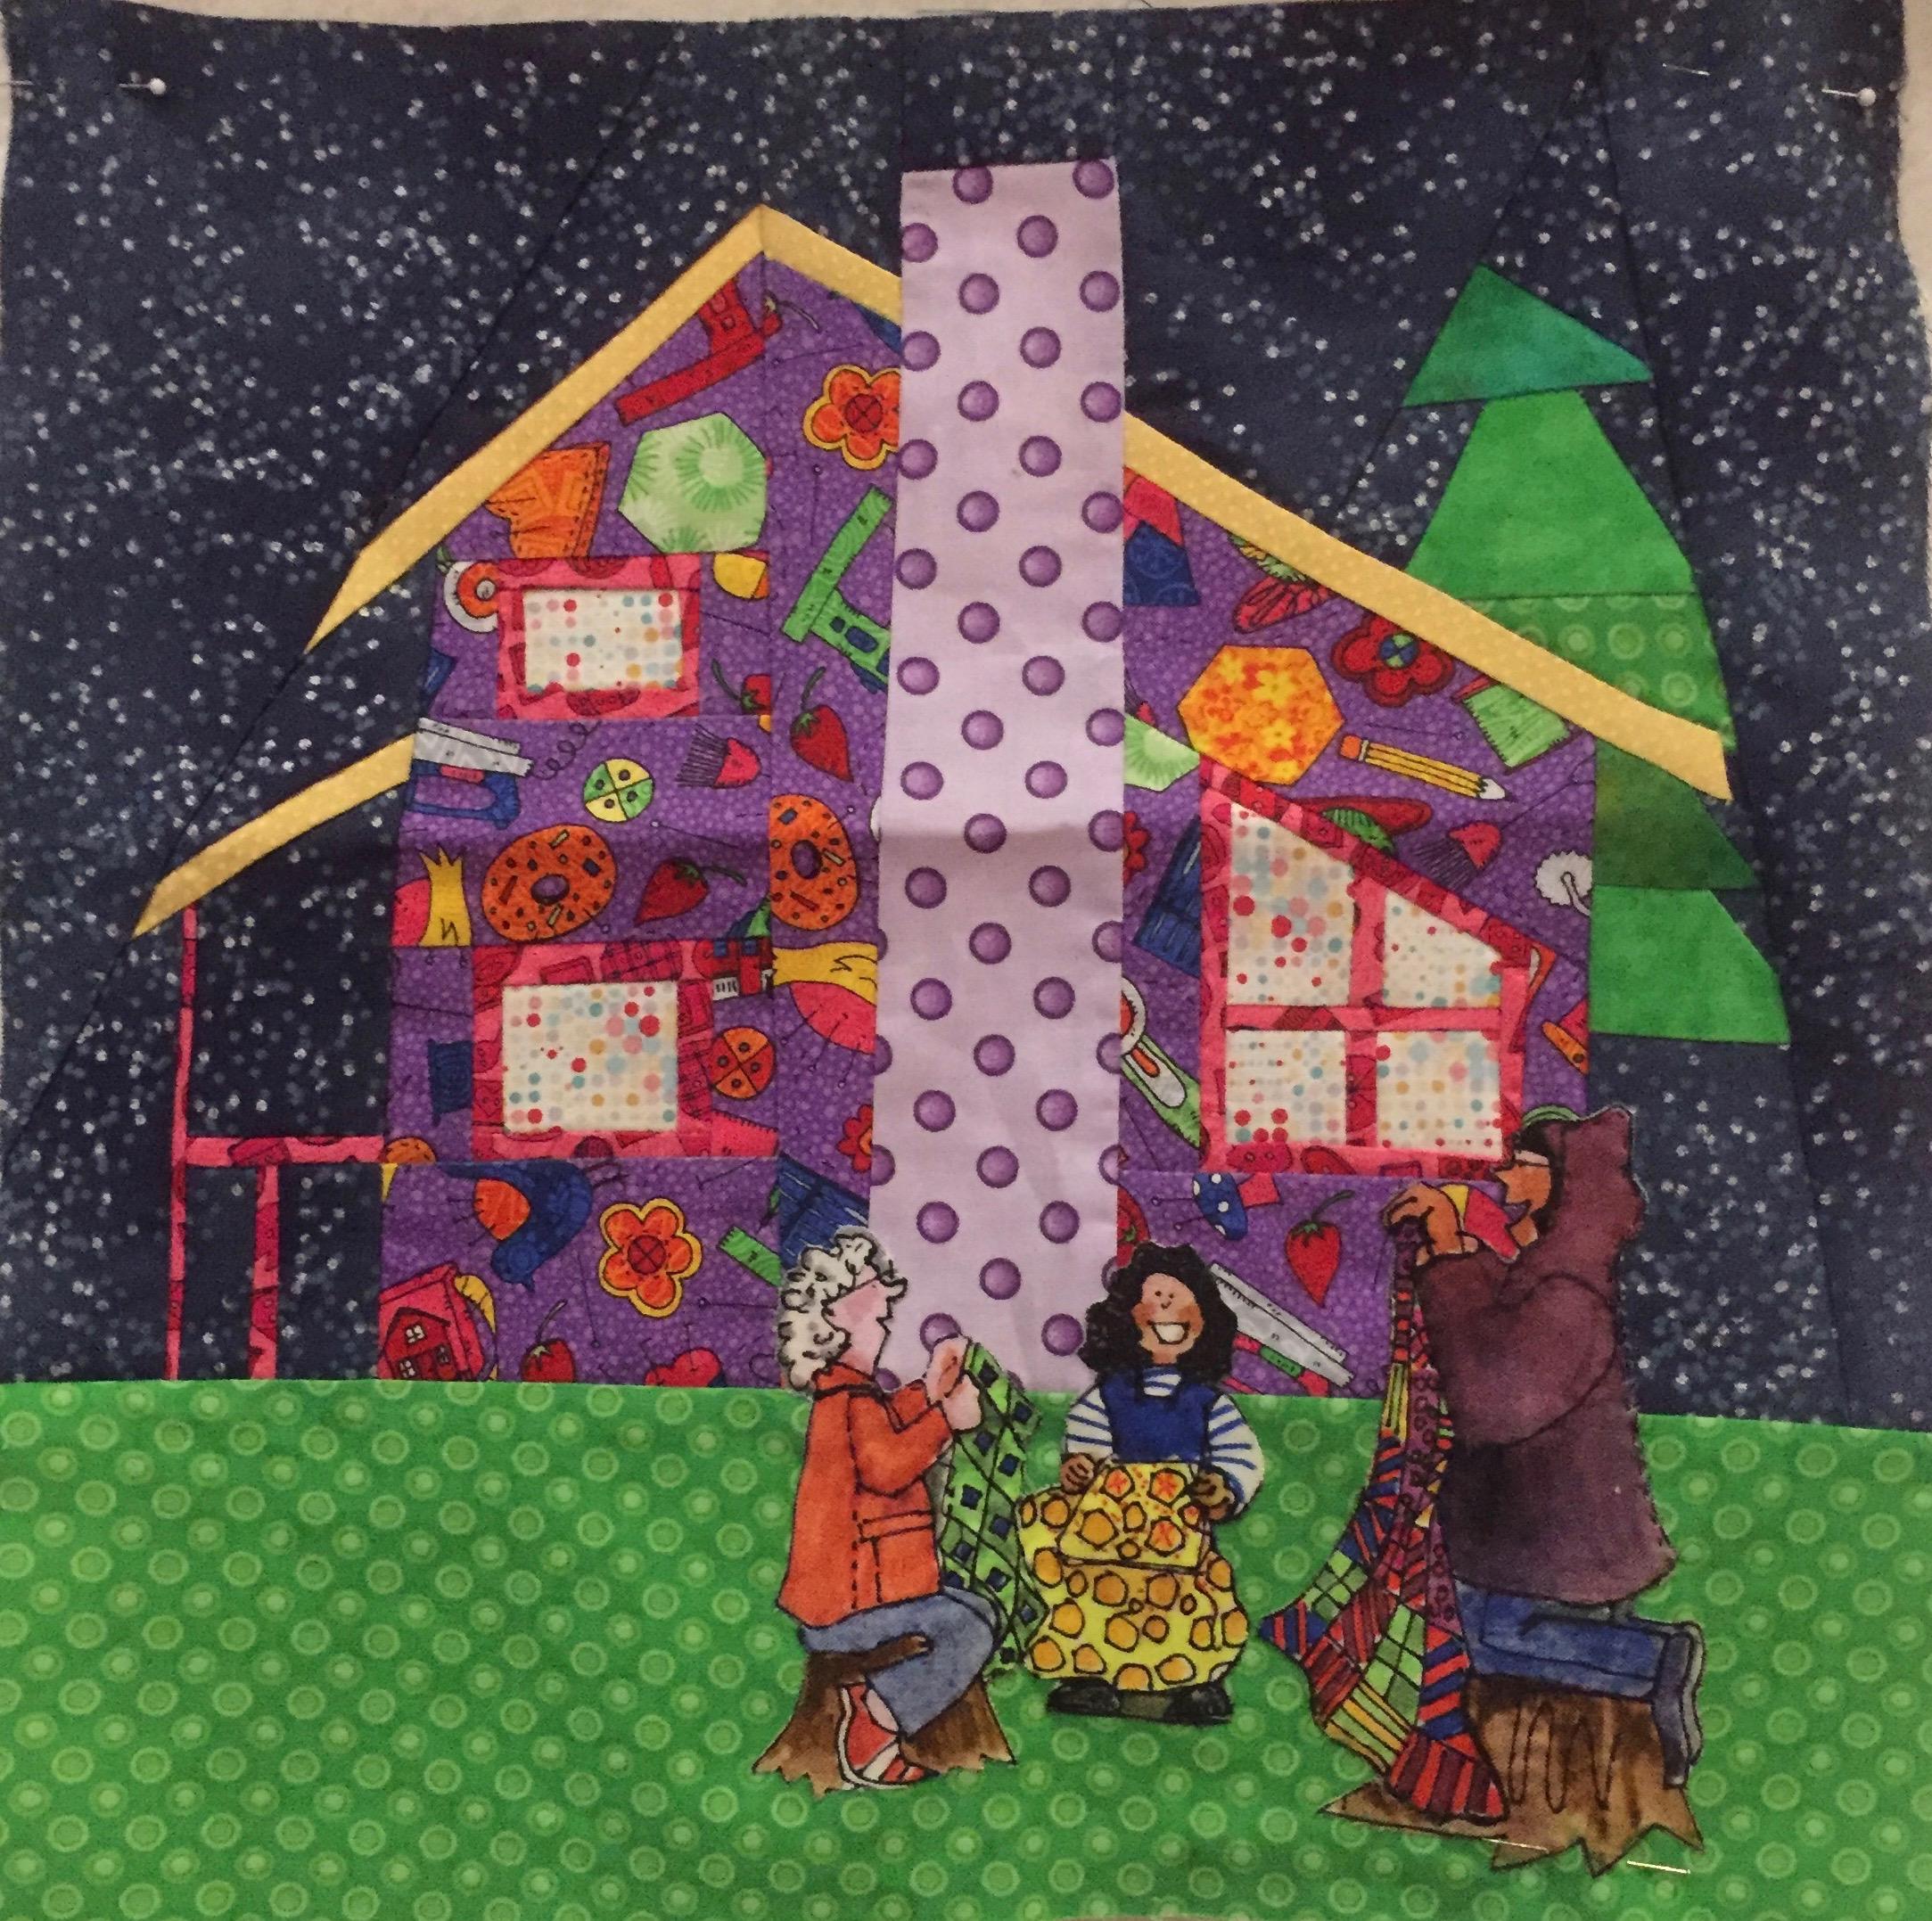 Fun House A Turner.jpg